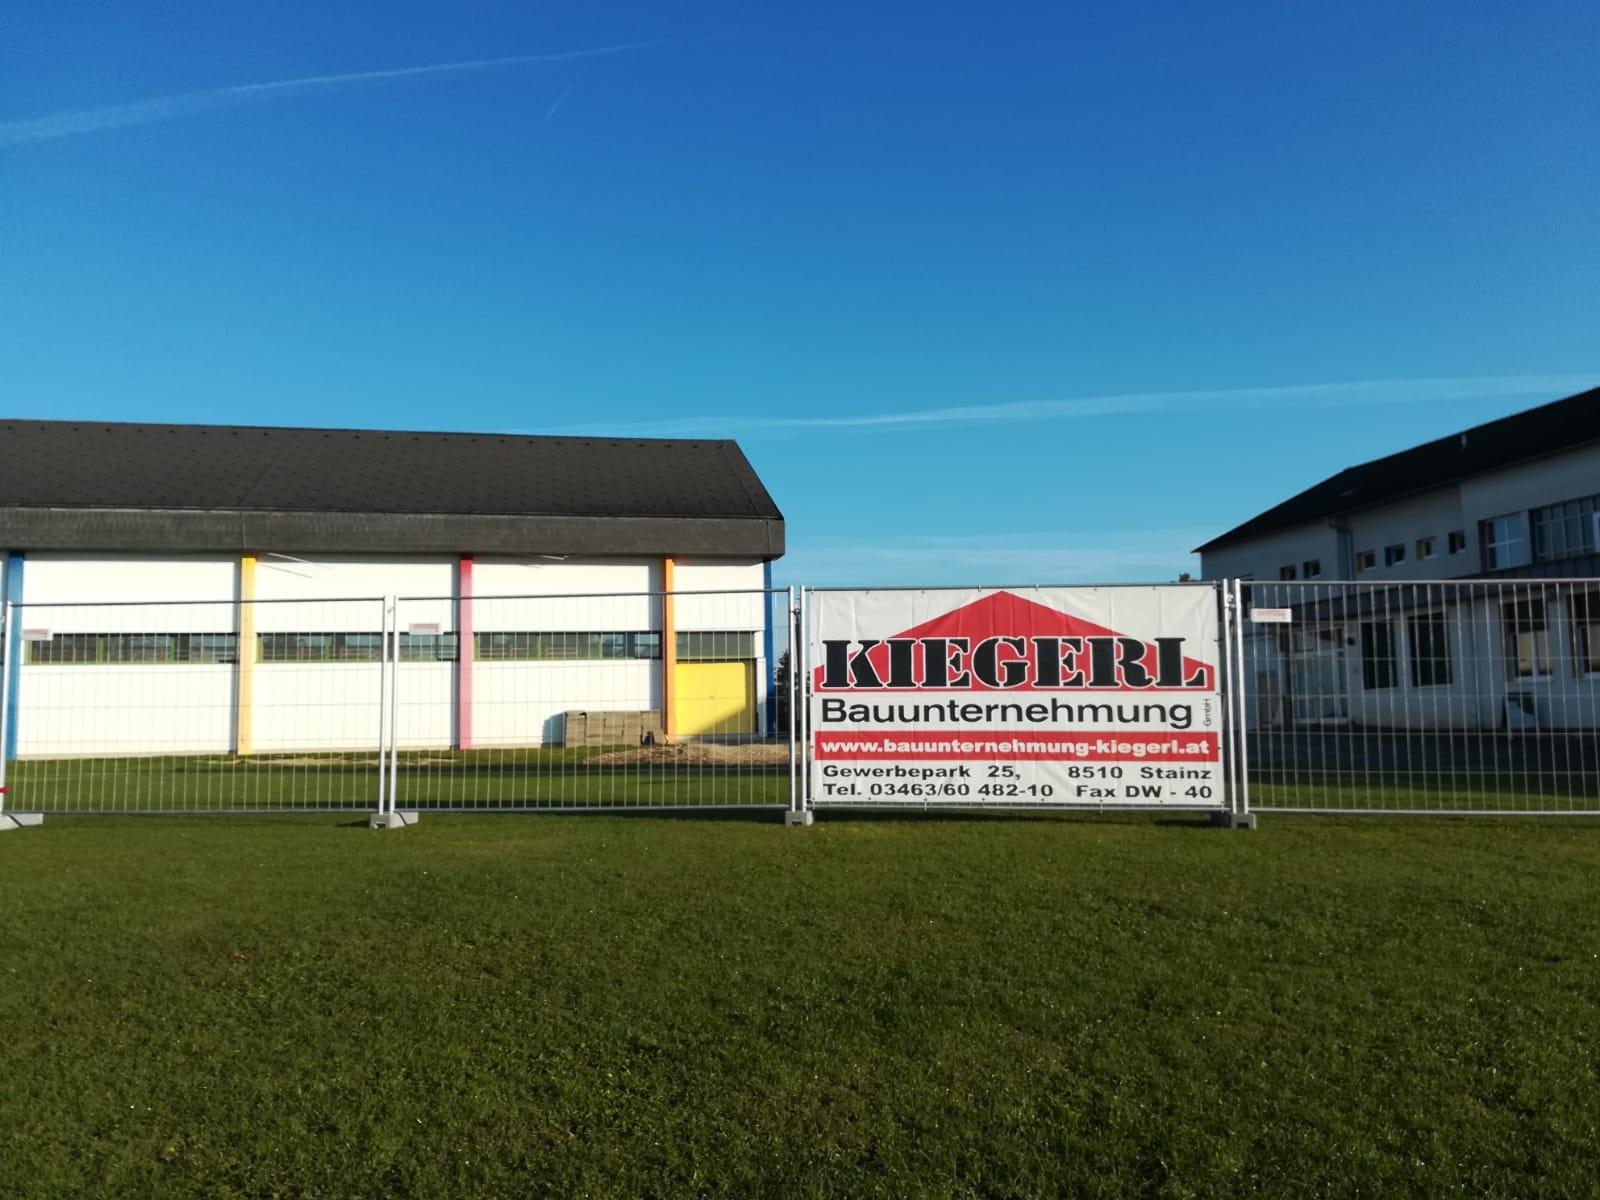 Baufirma Kiegerl - Umbau Baustelle